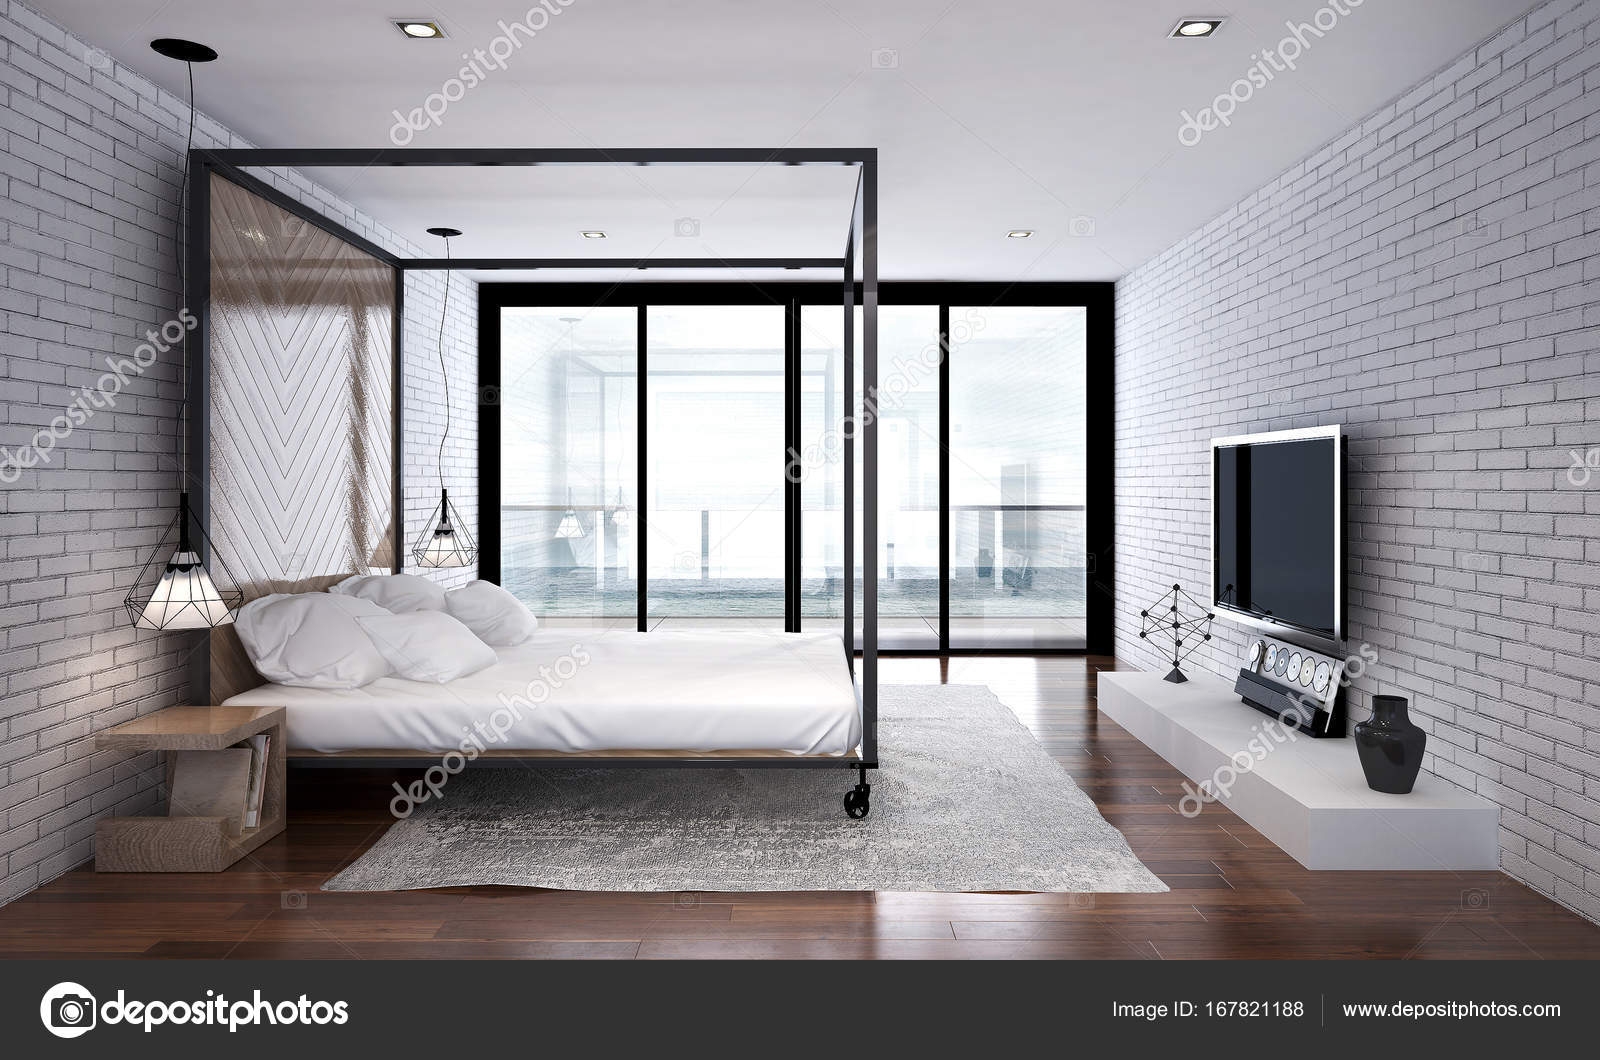 https://st3.depositphotos.com/11732771/16782/i/1600/depositphotos_167821188-stock-photo-the-interior-design-of-loft.jpg